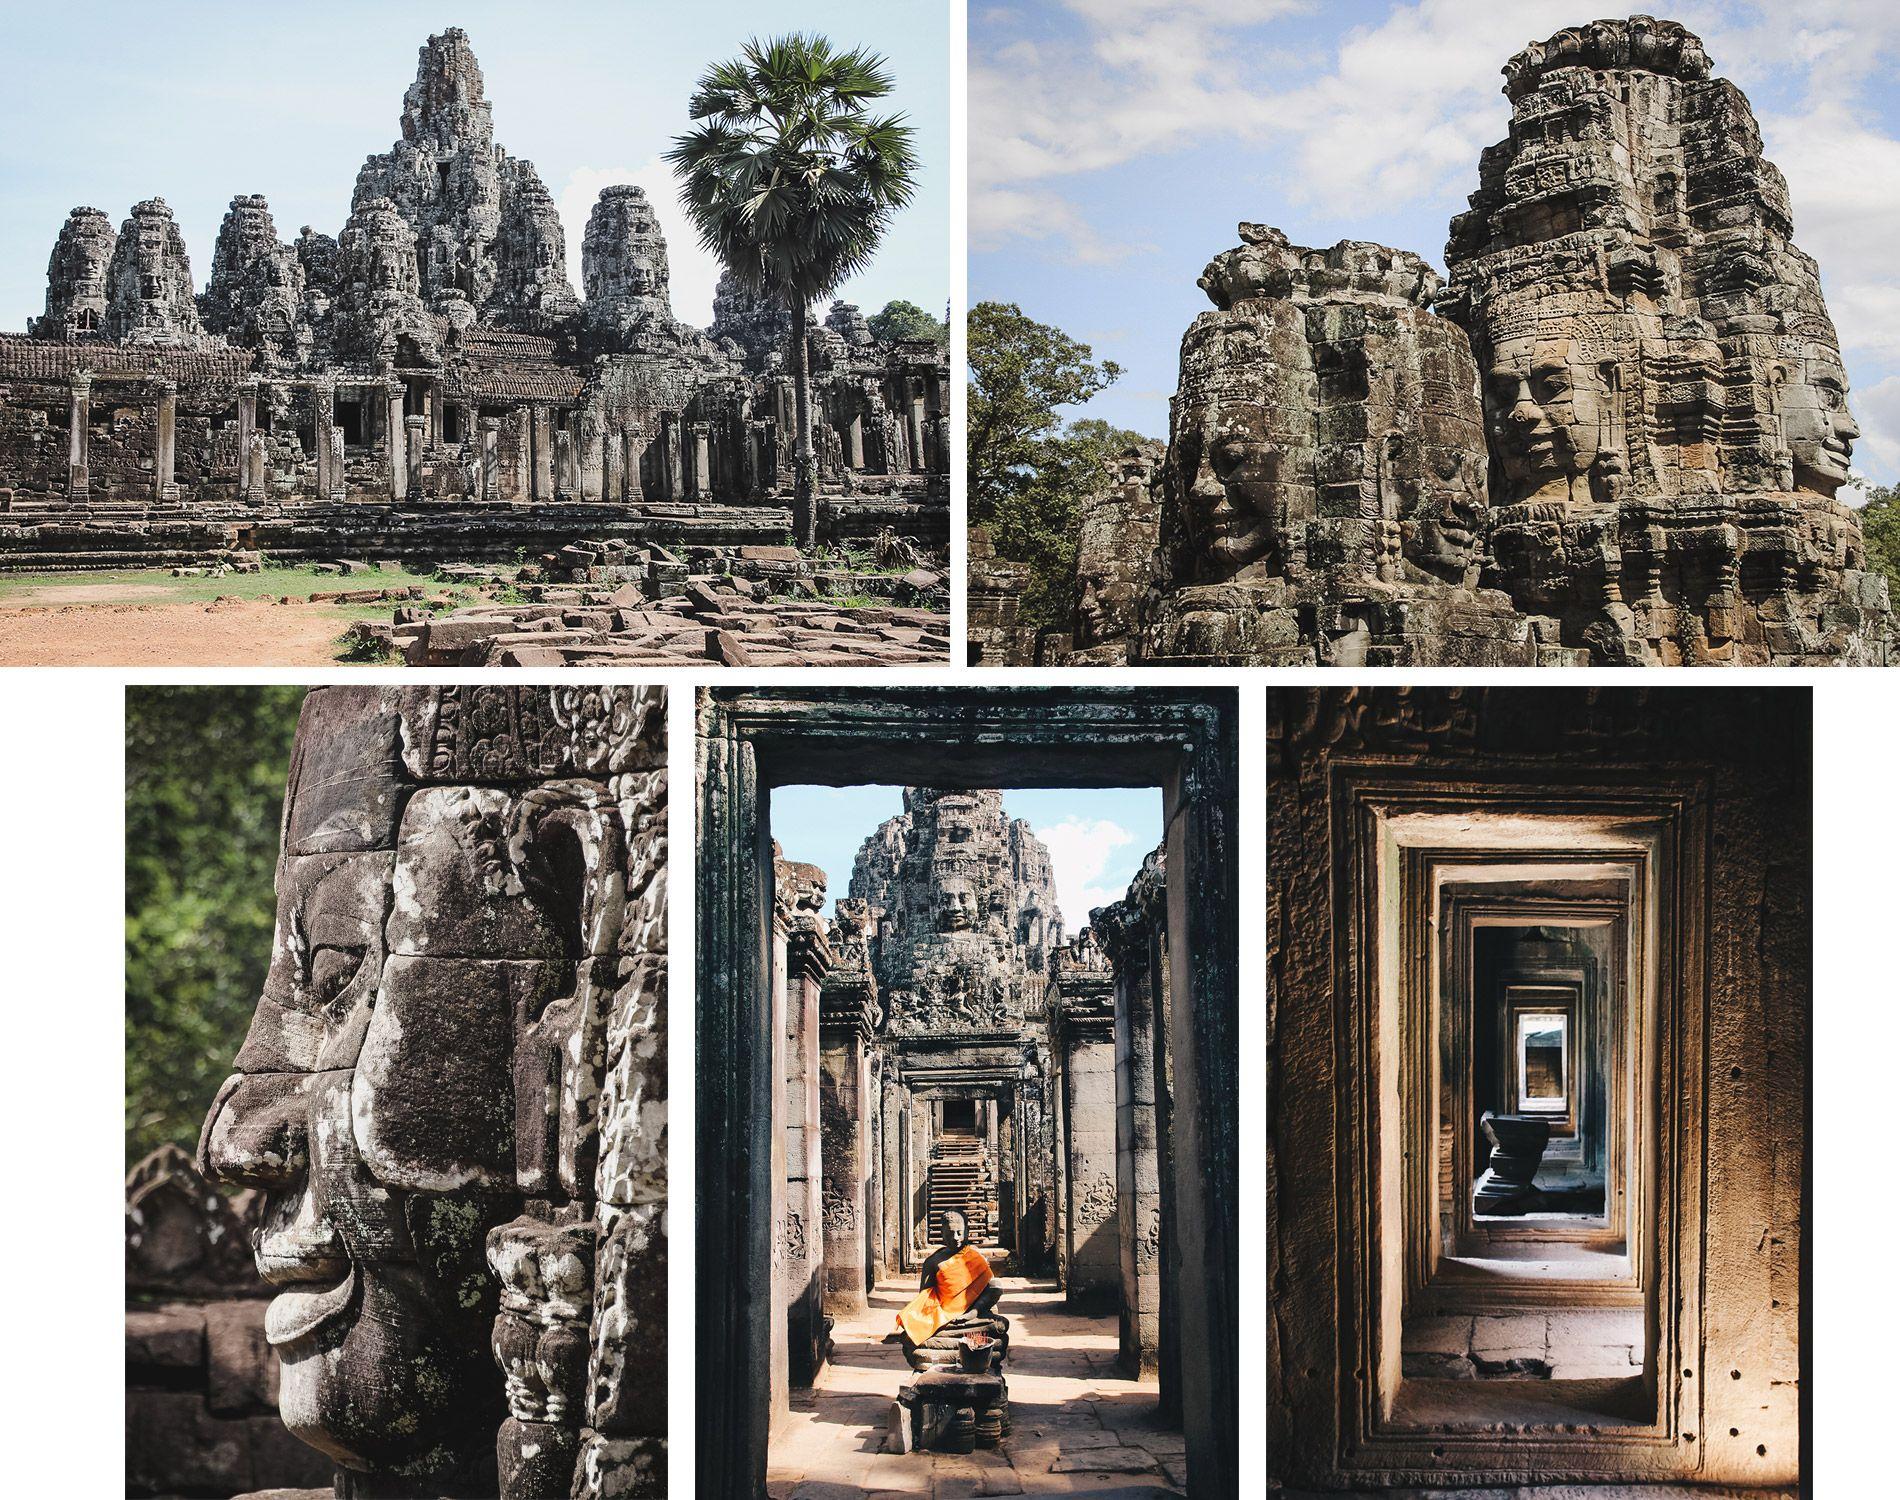 Cambodge | Siemp reap | Angkor